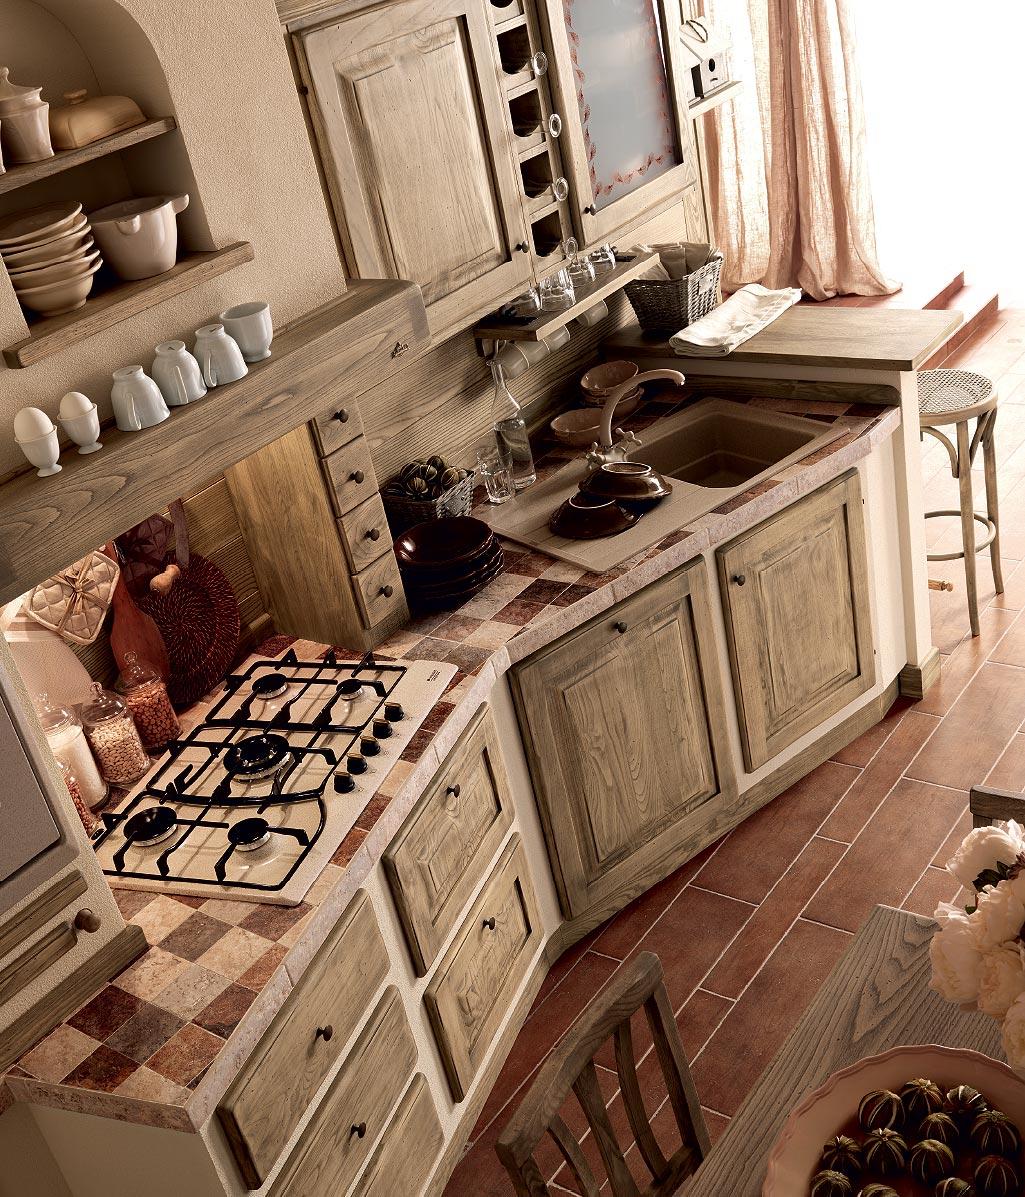 Zappalorto Cucine Tradizionali #30190F 1025 1197 Cucine Rustiche In Muratura Zappalorto